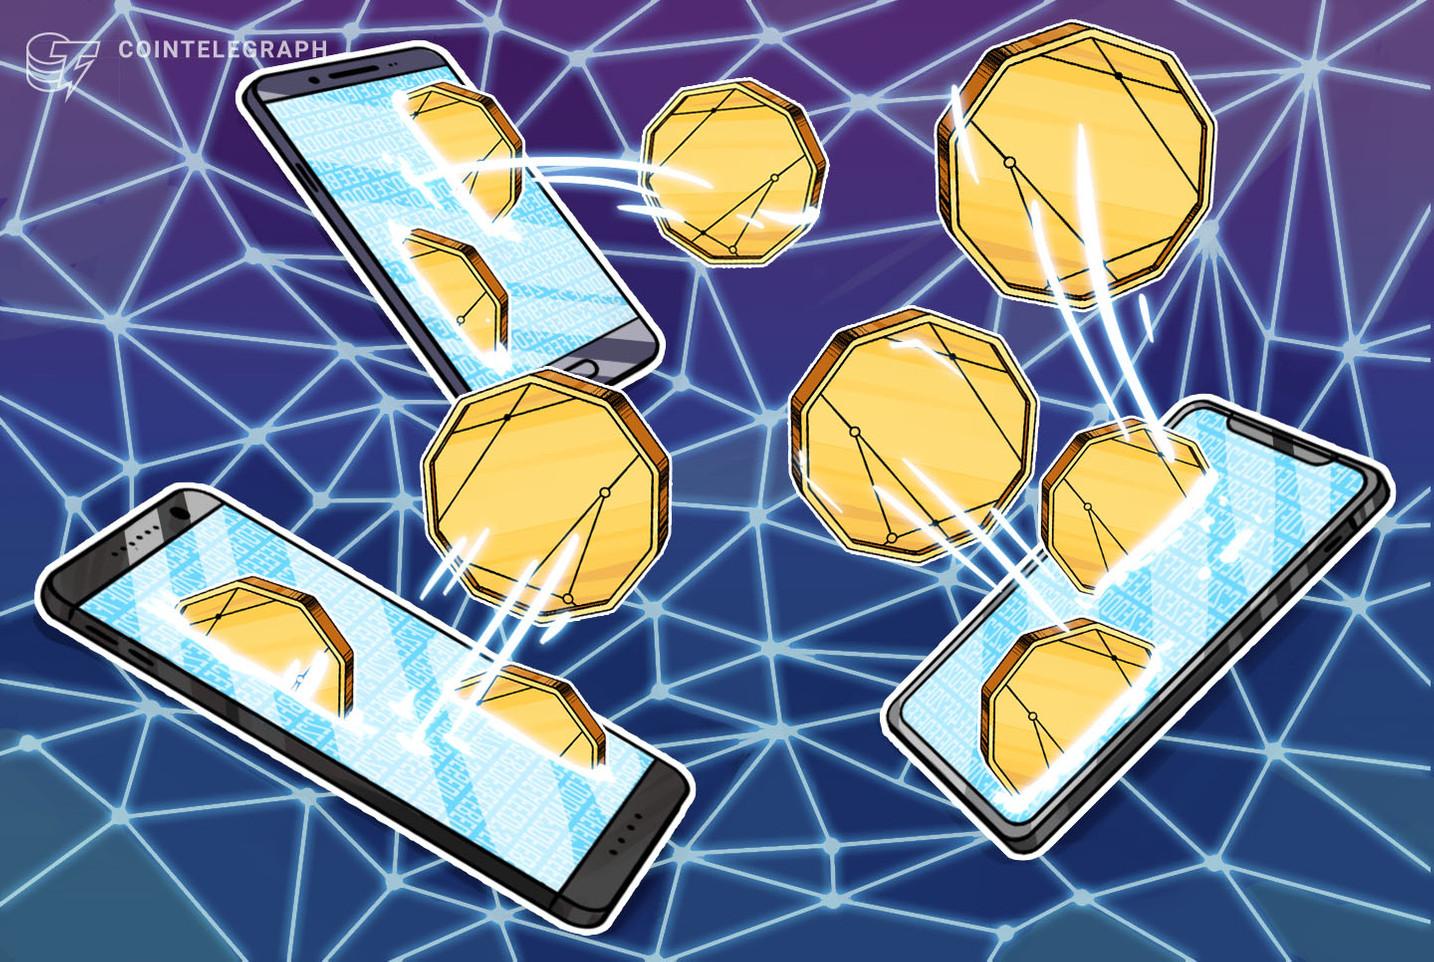 マイイーサウォレット、法定通貨で仮想通貨を即時購入可能なアプリ公開